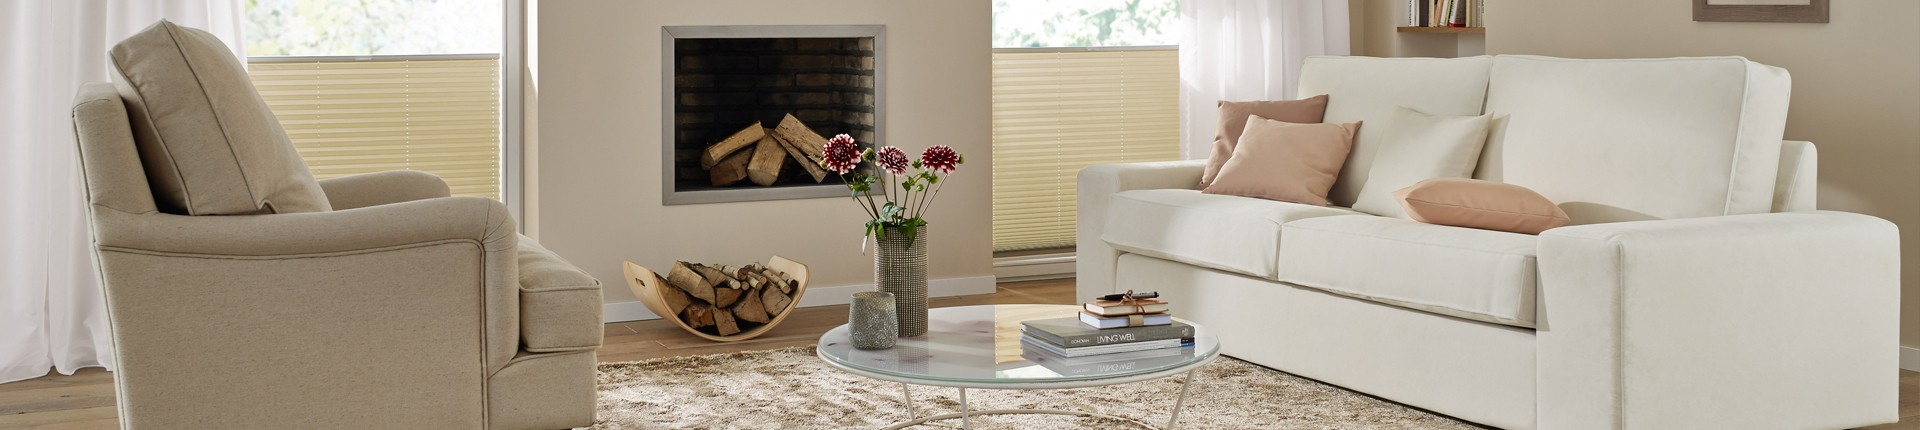 Ein Wohnzimmer mit Sofa und Feuerstelle.